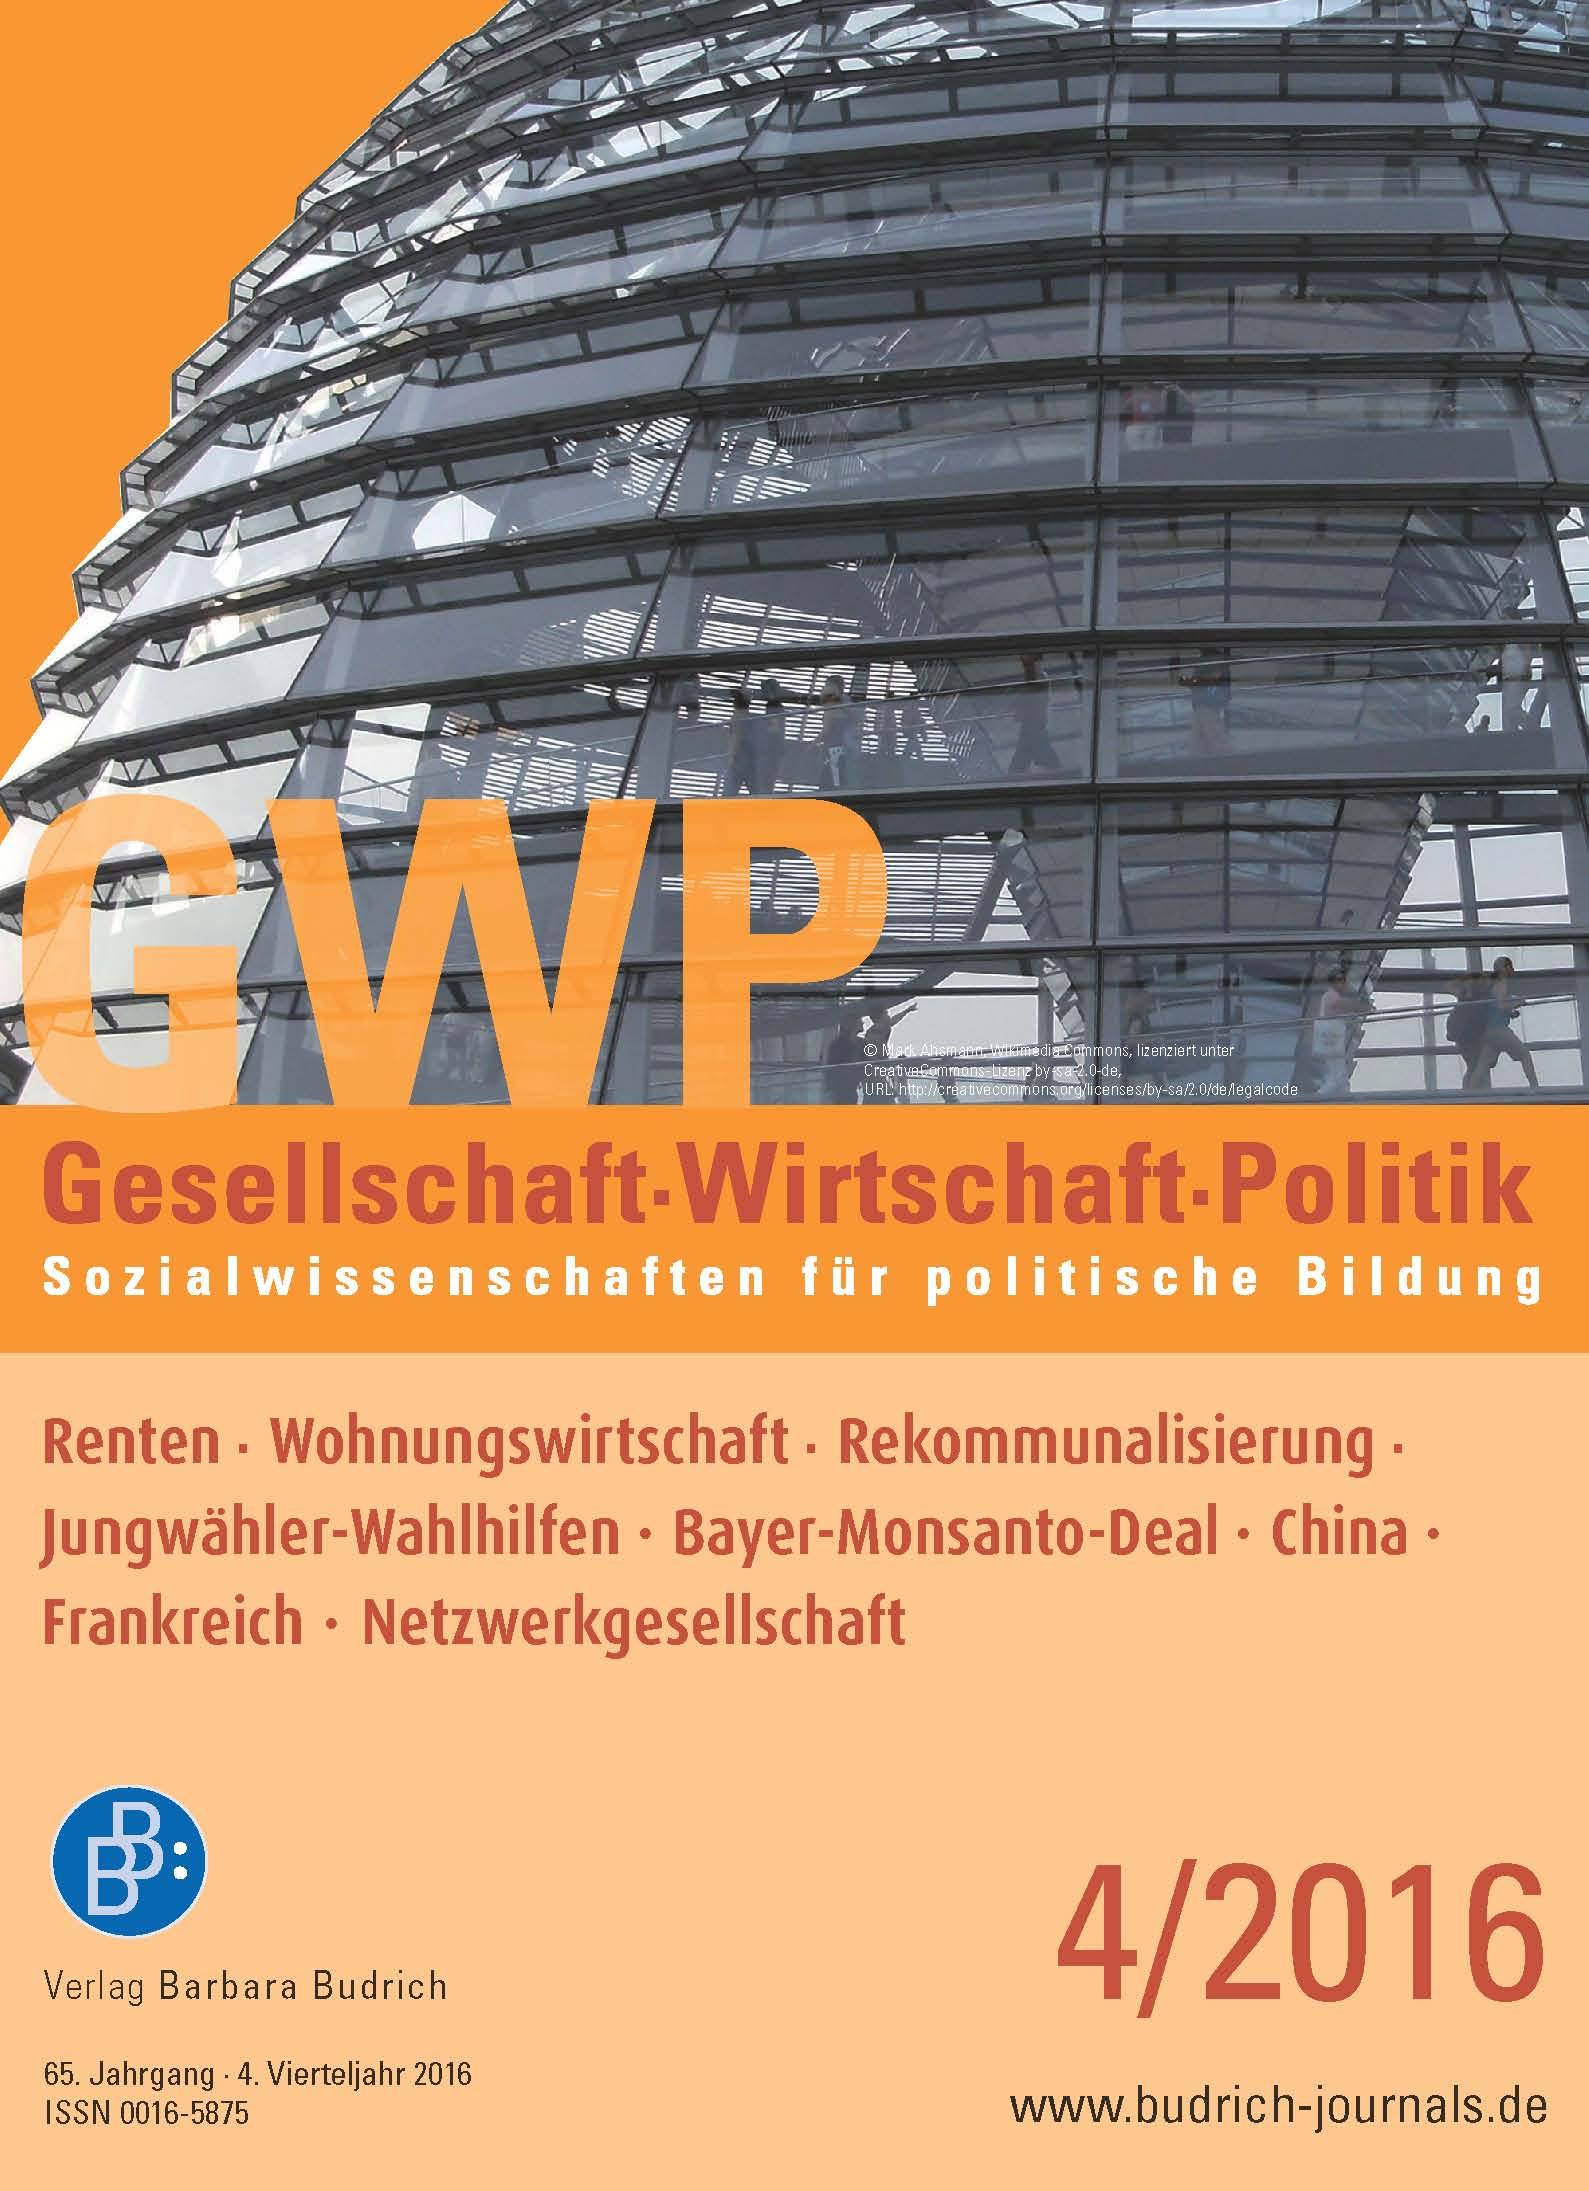 GWP – Gesellschaft. Wirtschaft. Politik 4-2016